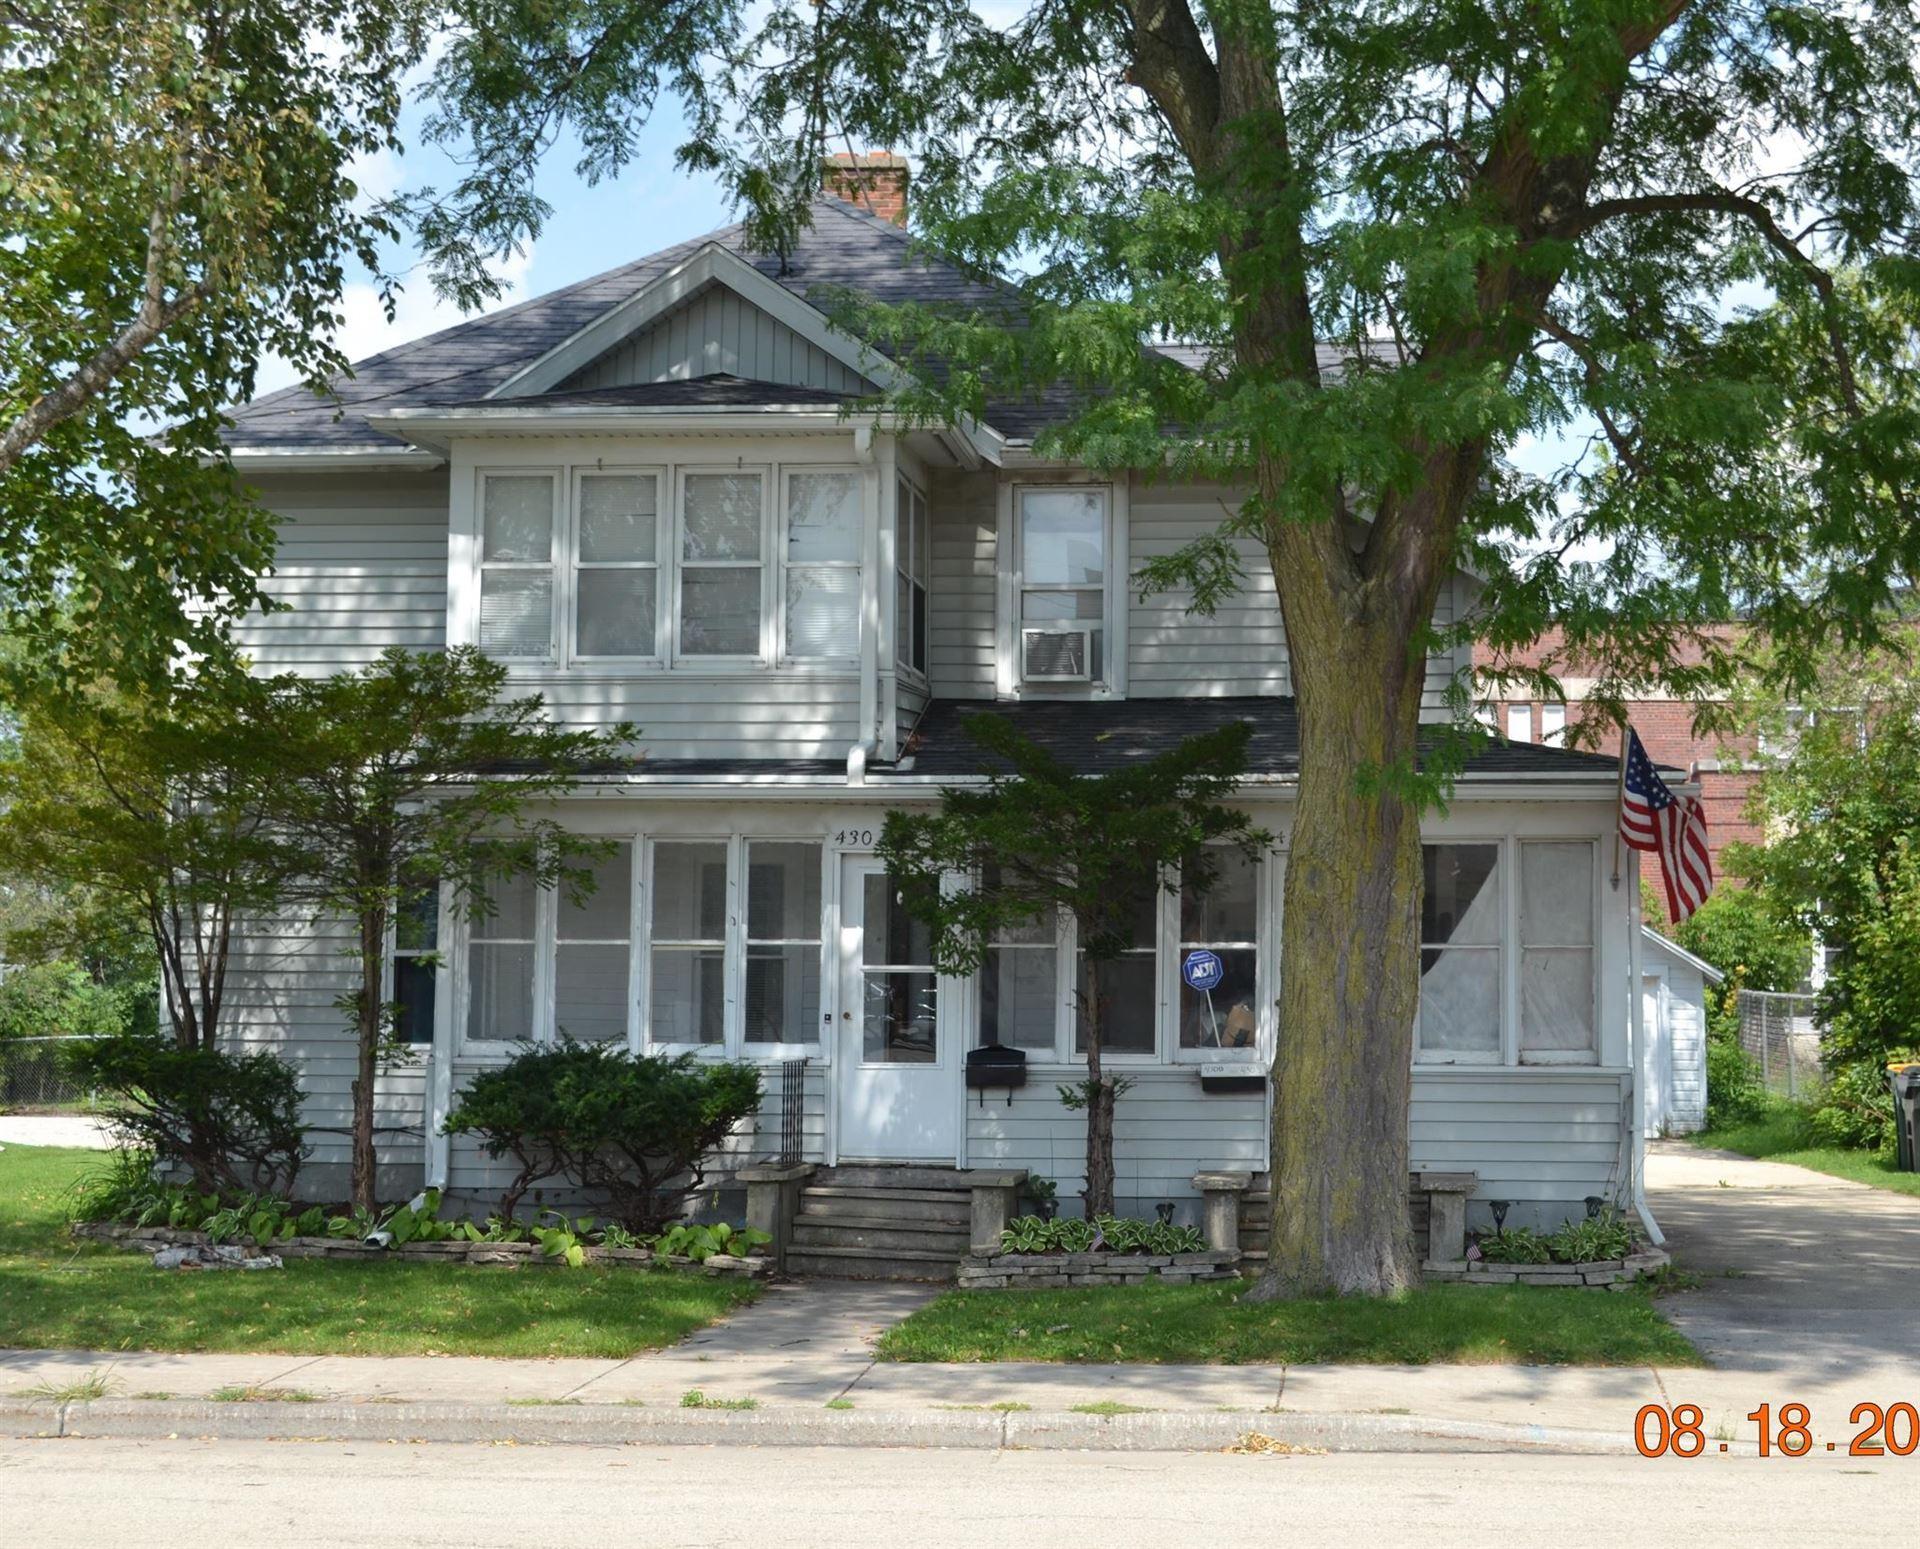 430 E Franklin St, Waupun, WI 53963 - #: 1918802